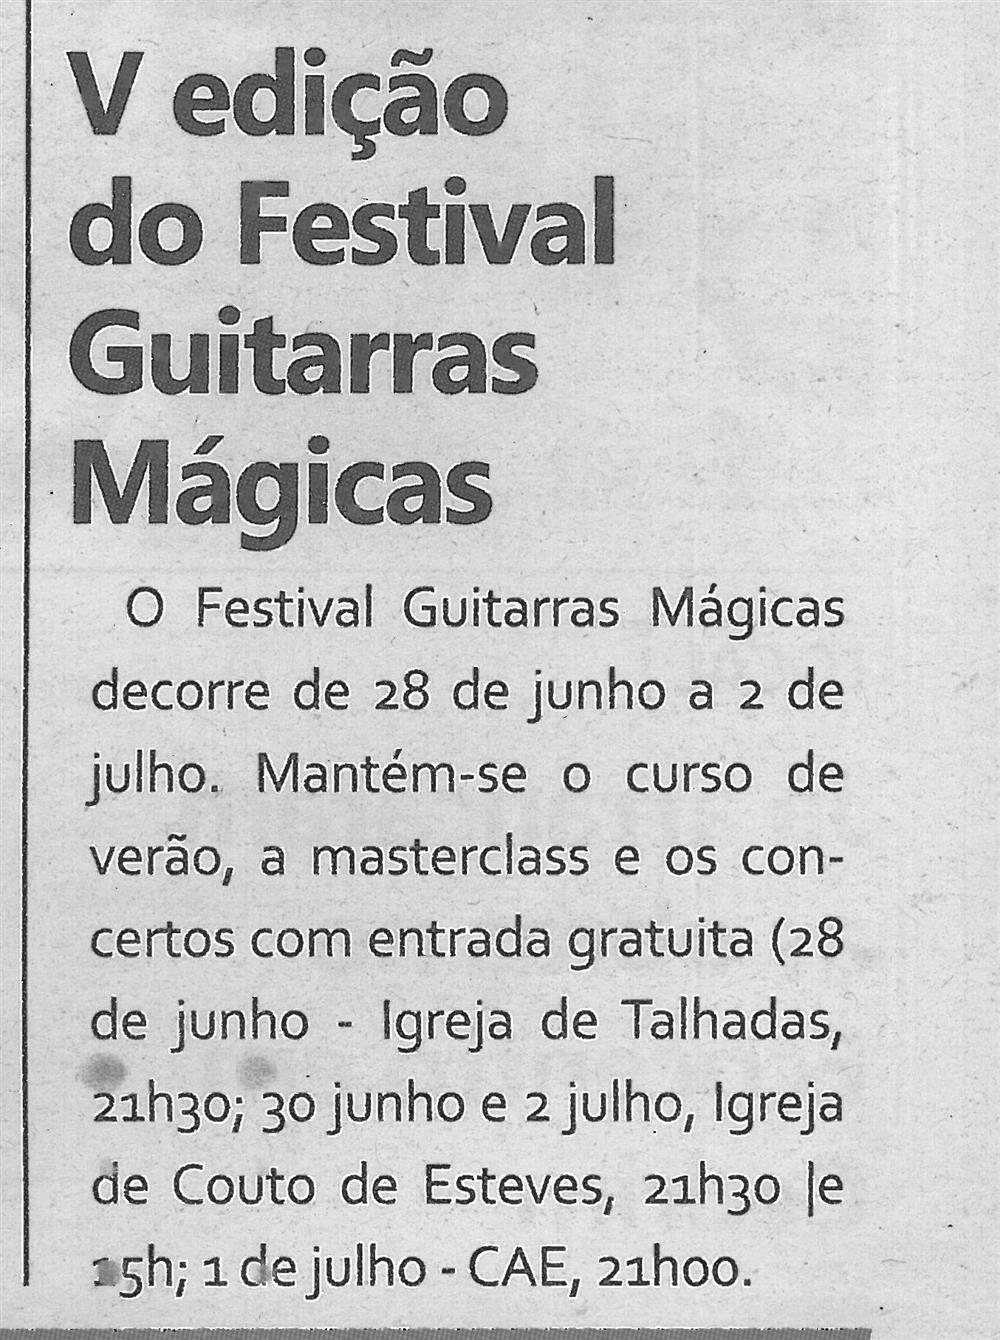 TV-jun.'17-p.12-V edição do Festival Guitarras Mágicas.jpg